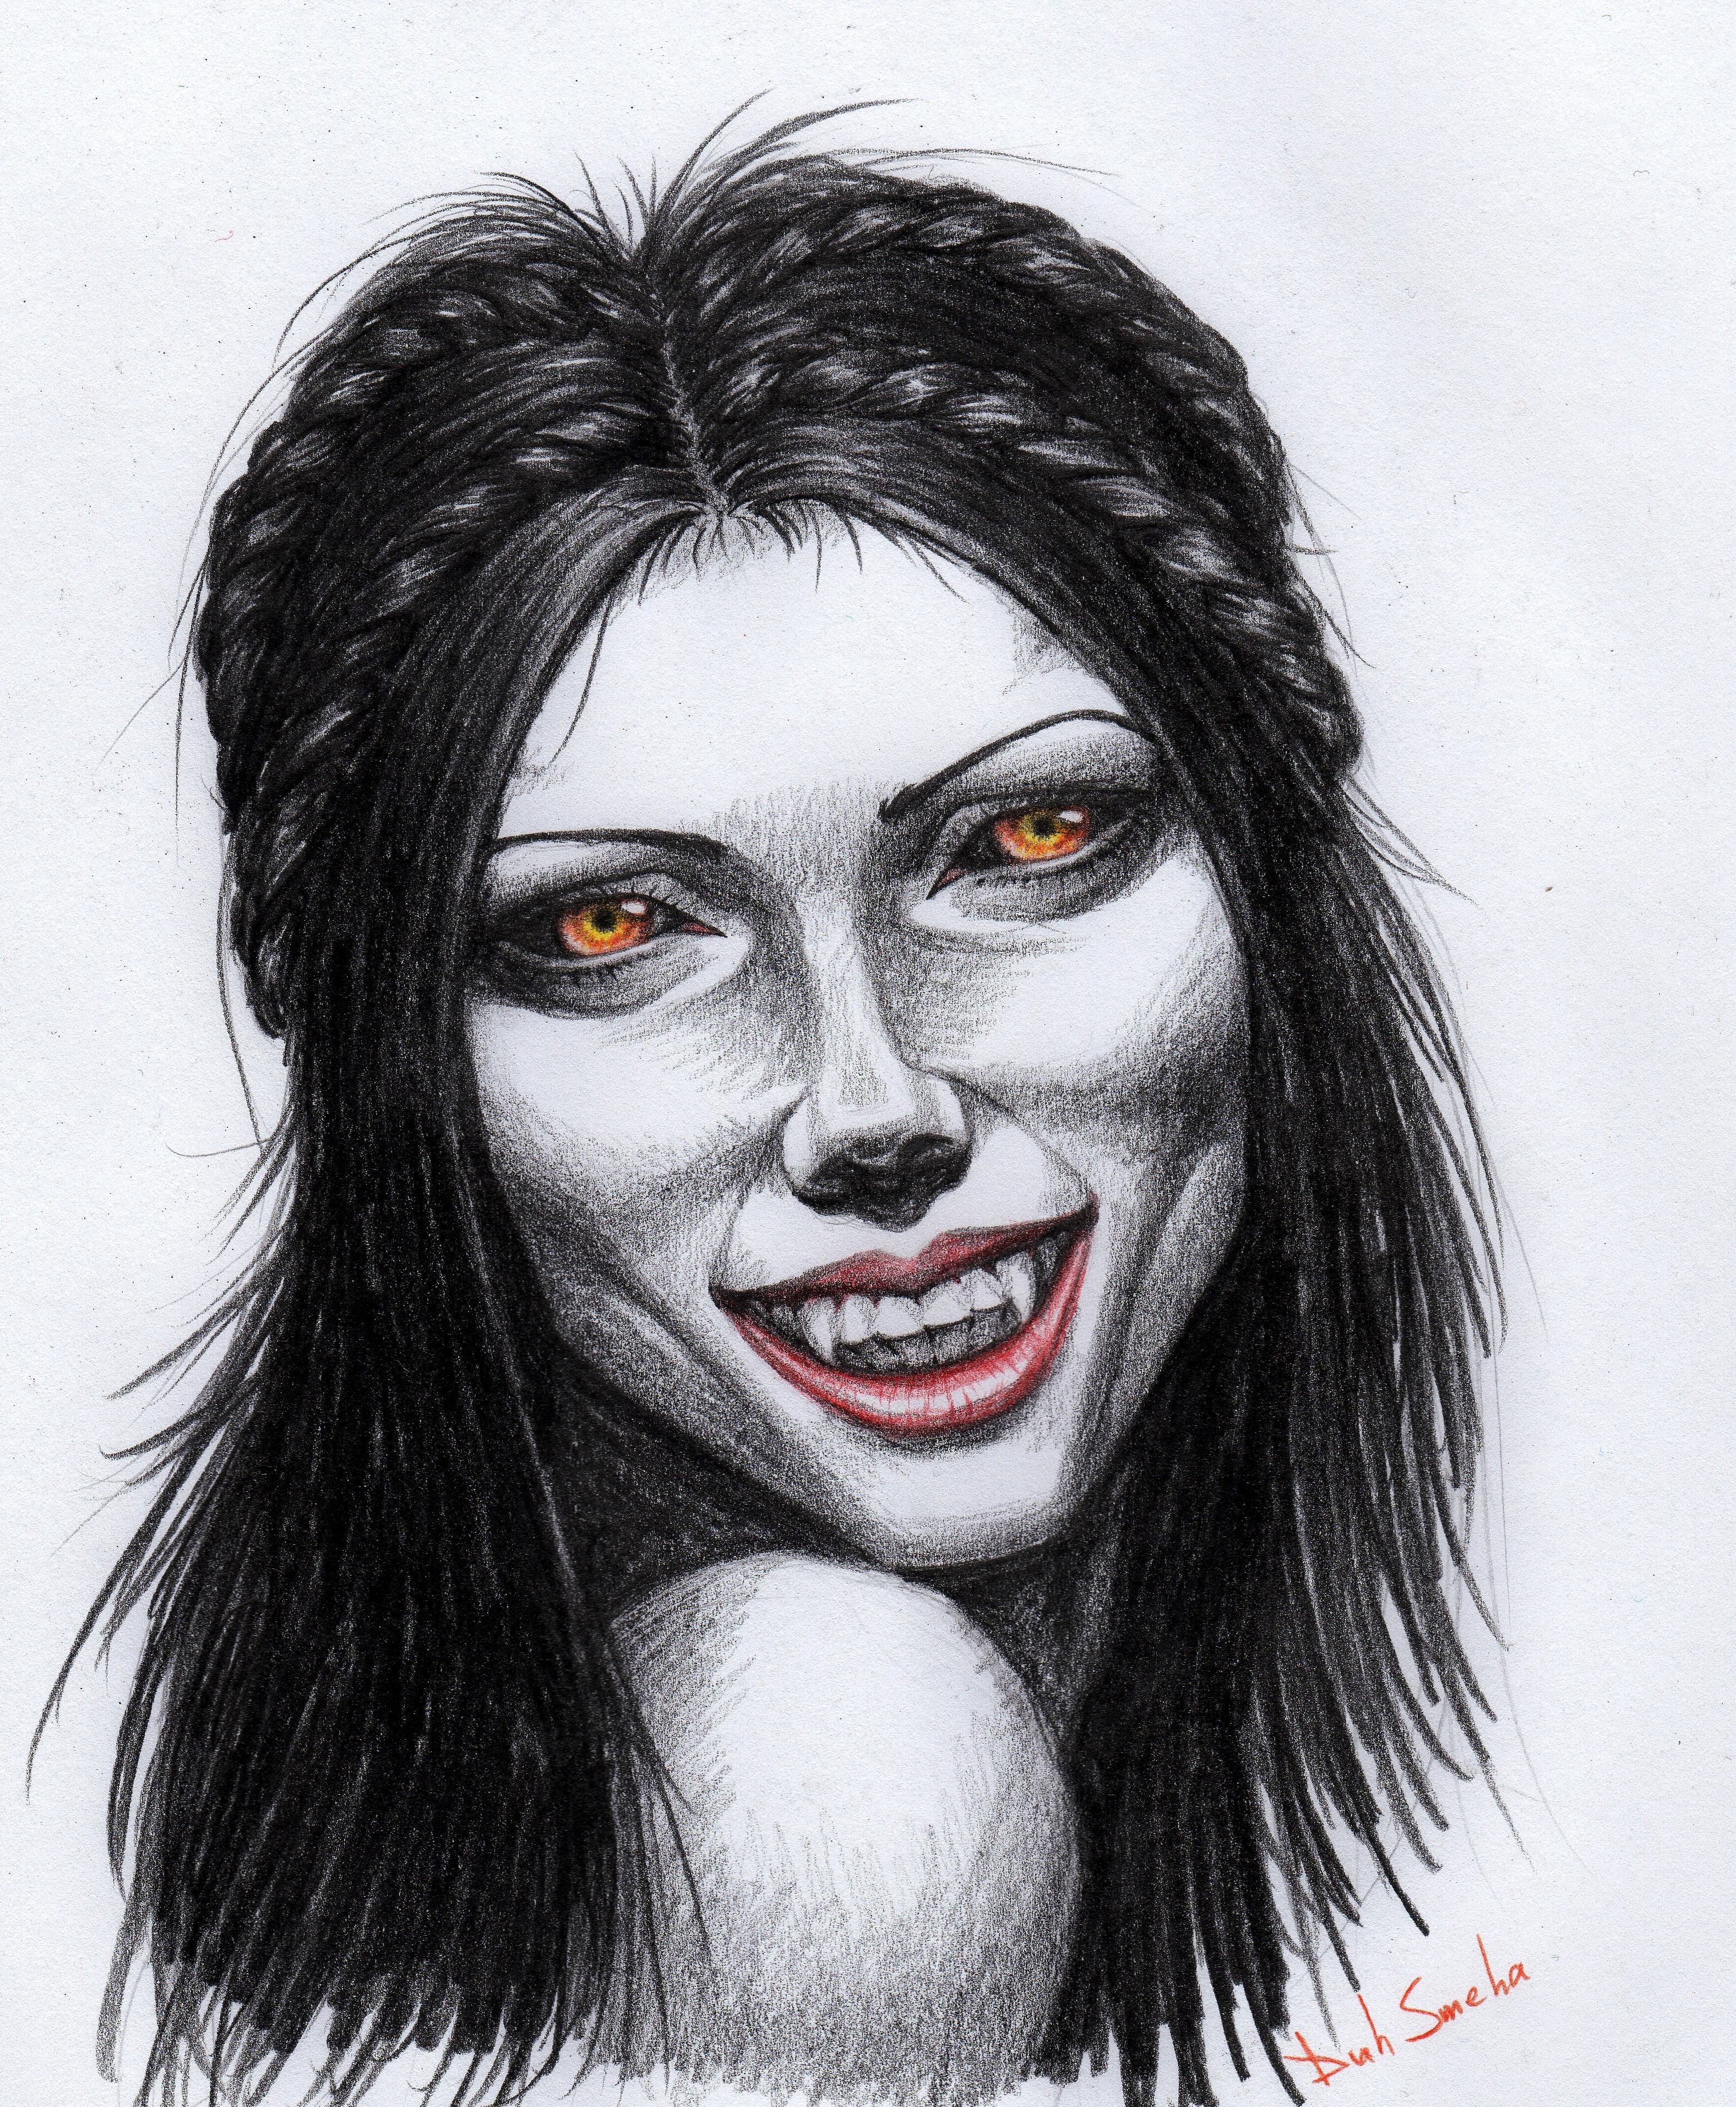 Serana by Smeha